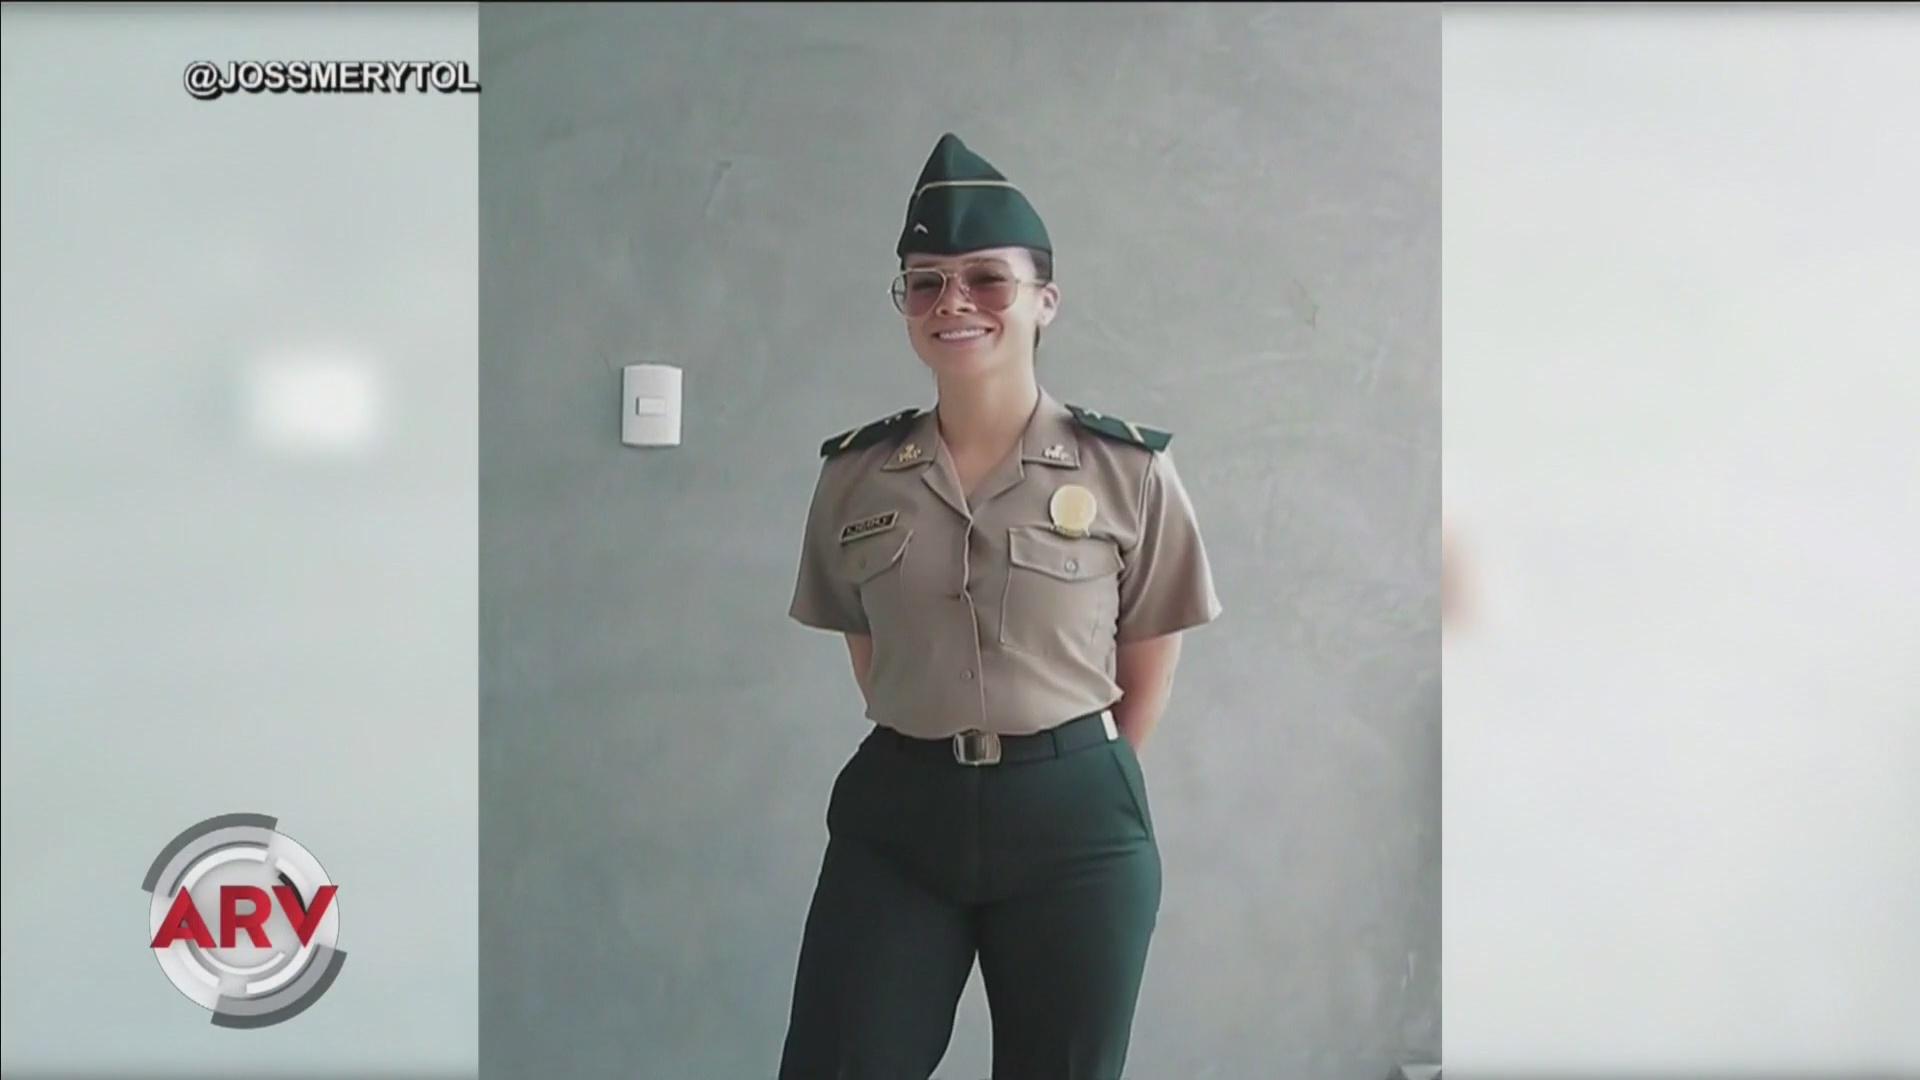 Mujer Policia En Proceso Disciplinario Por Baile Sexy Publicado En Internet Porque ser mujer y madre signifique el derecho a decidir. baile sexy publicado en internet